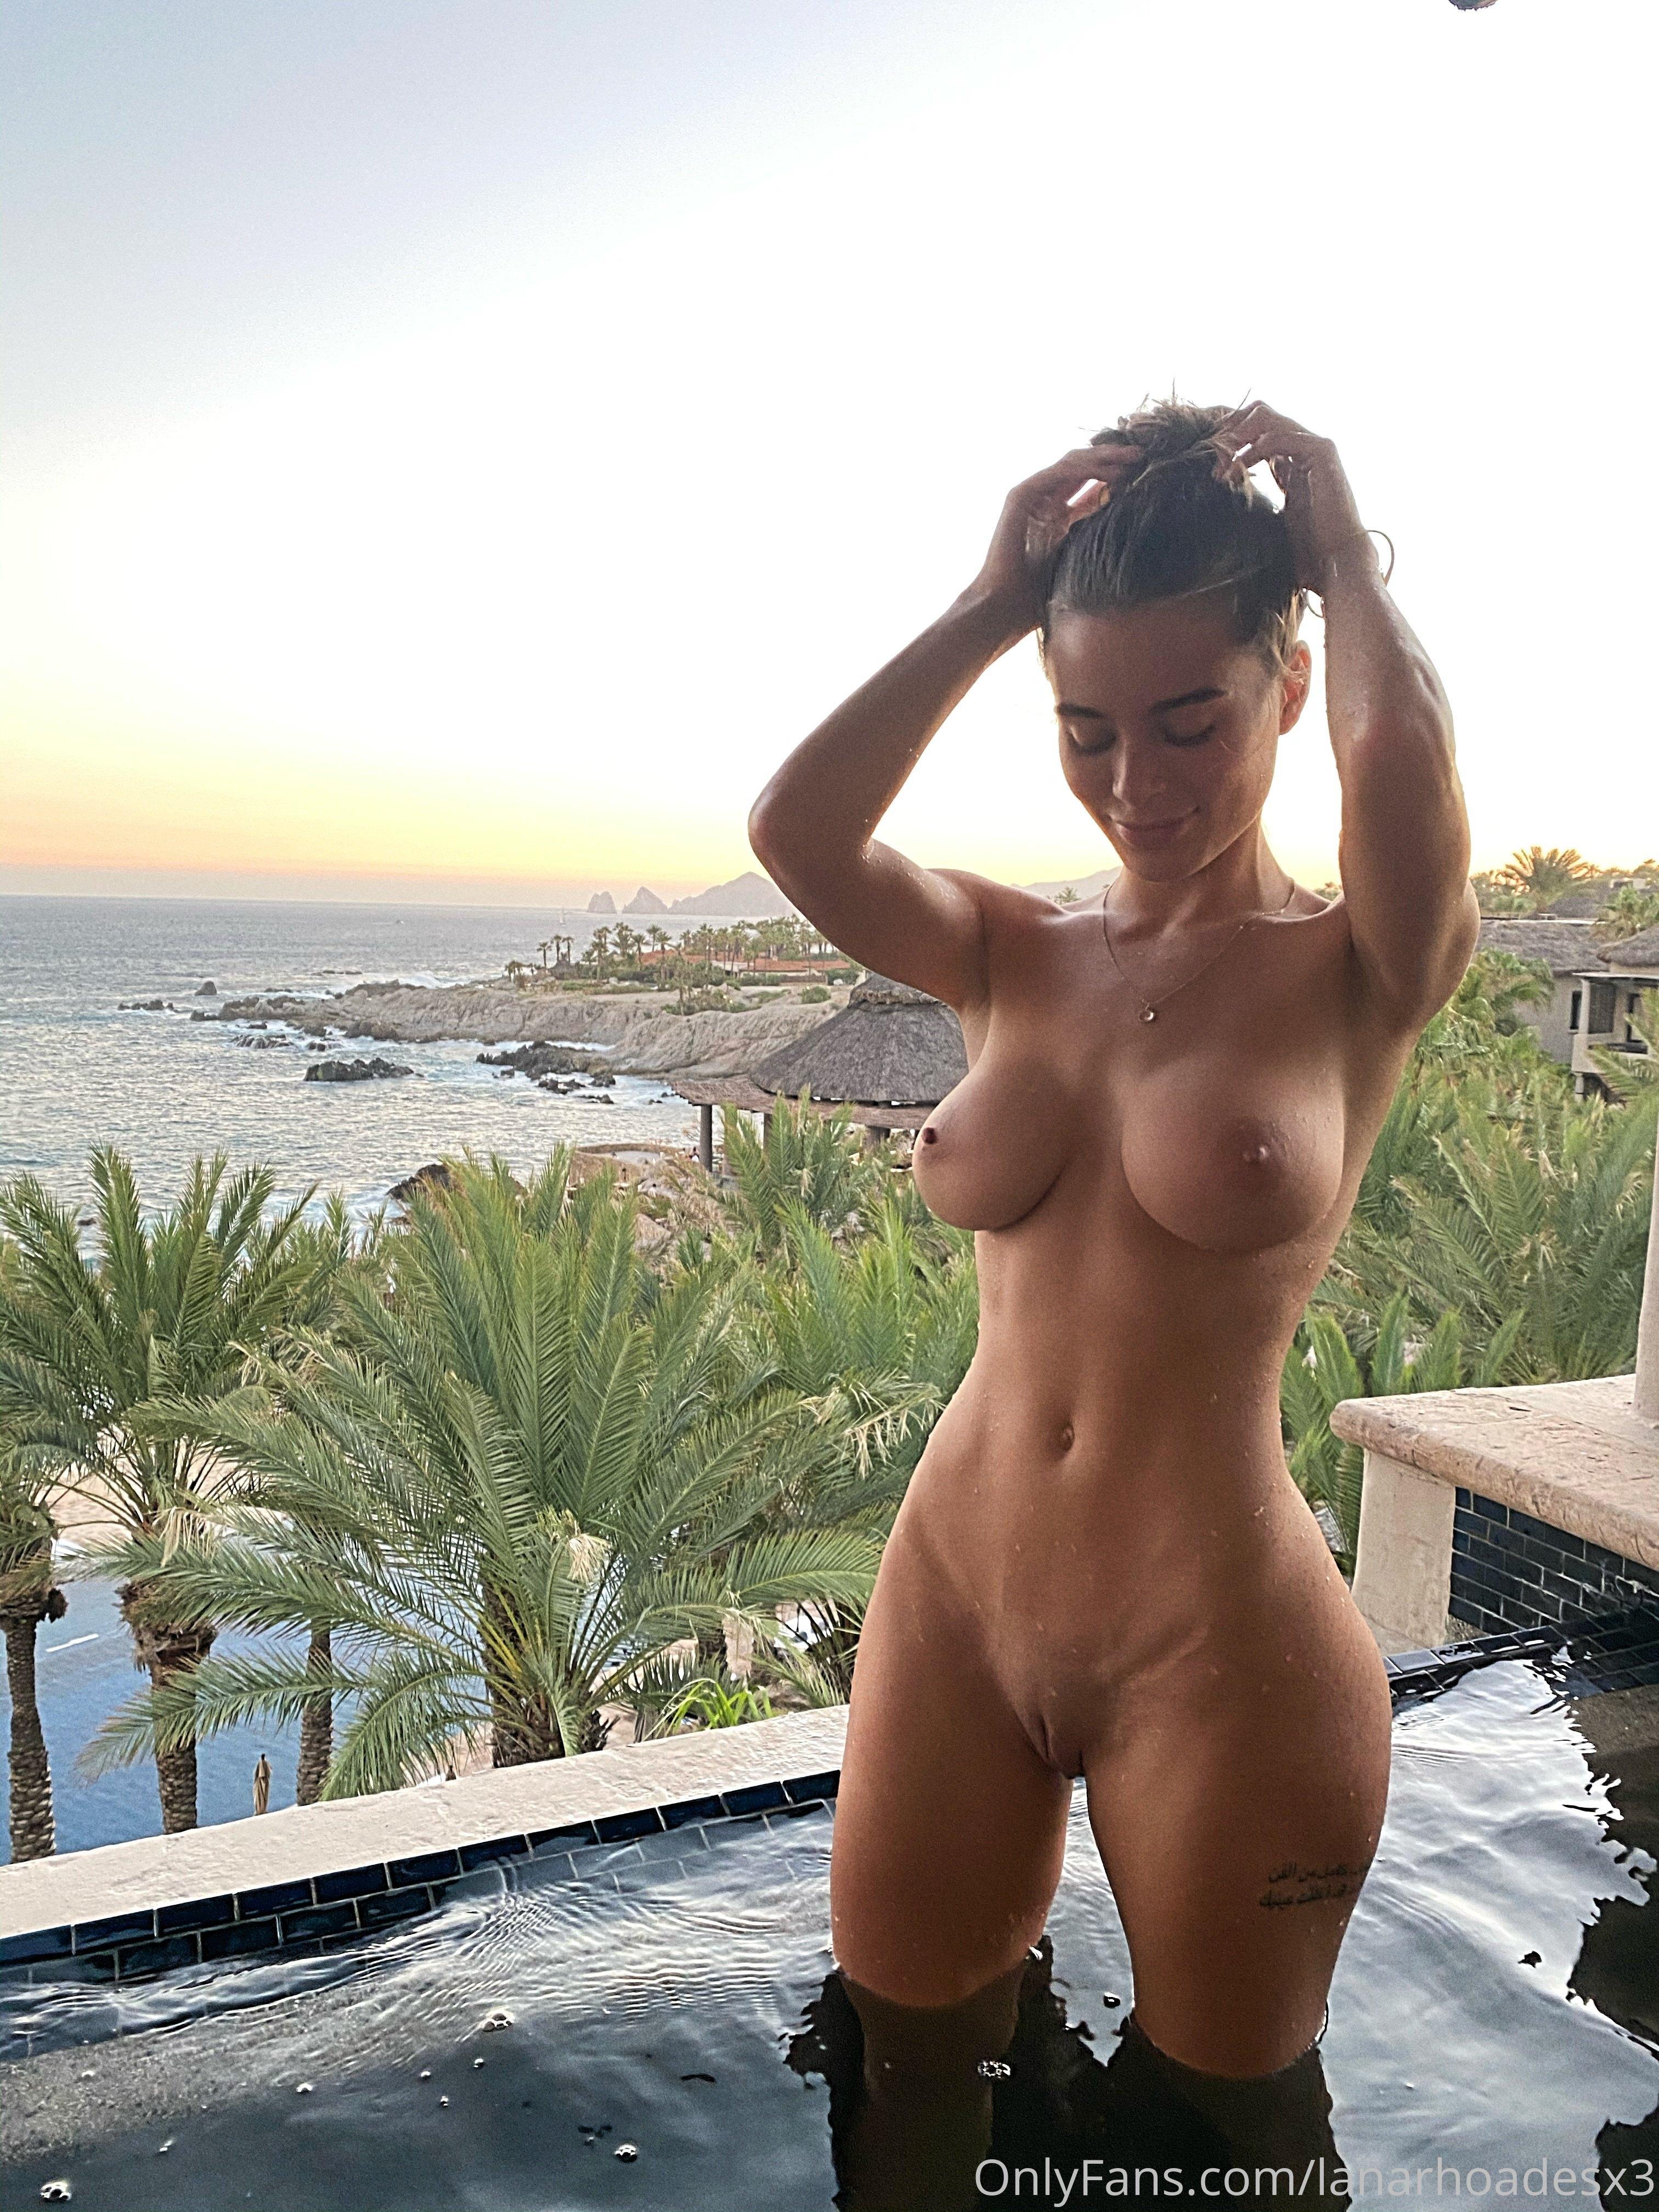 Lana Rhoades, Lanarhoades, Onlyfans Nude Leaks 0012